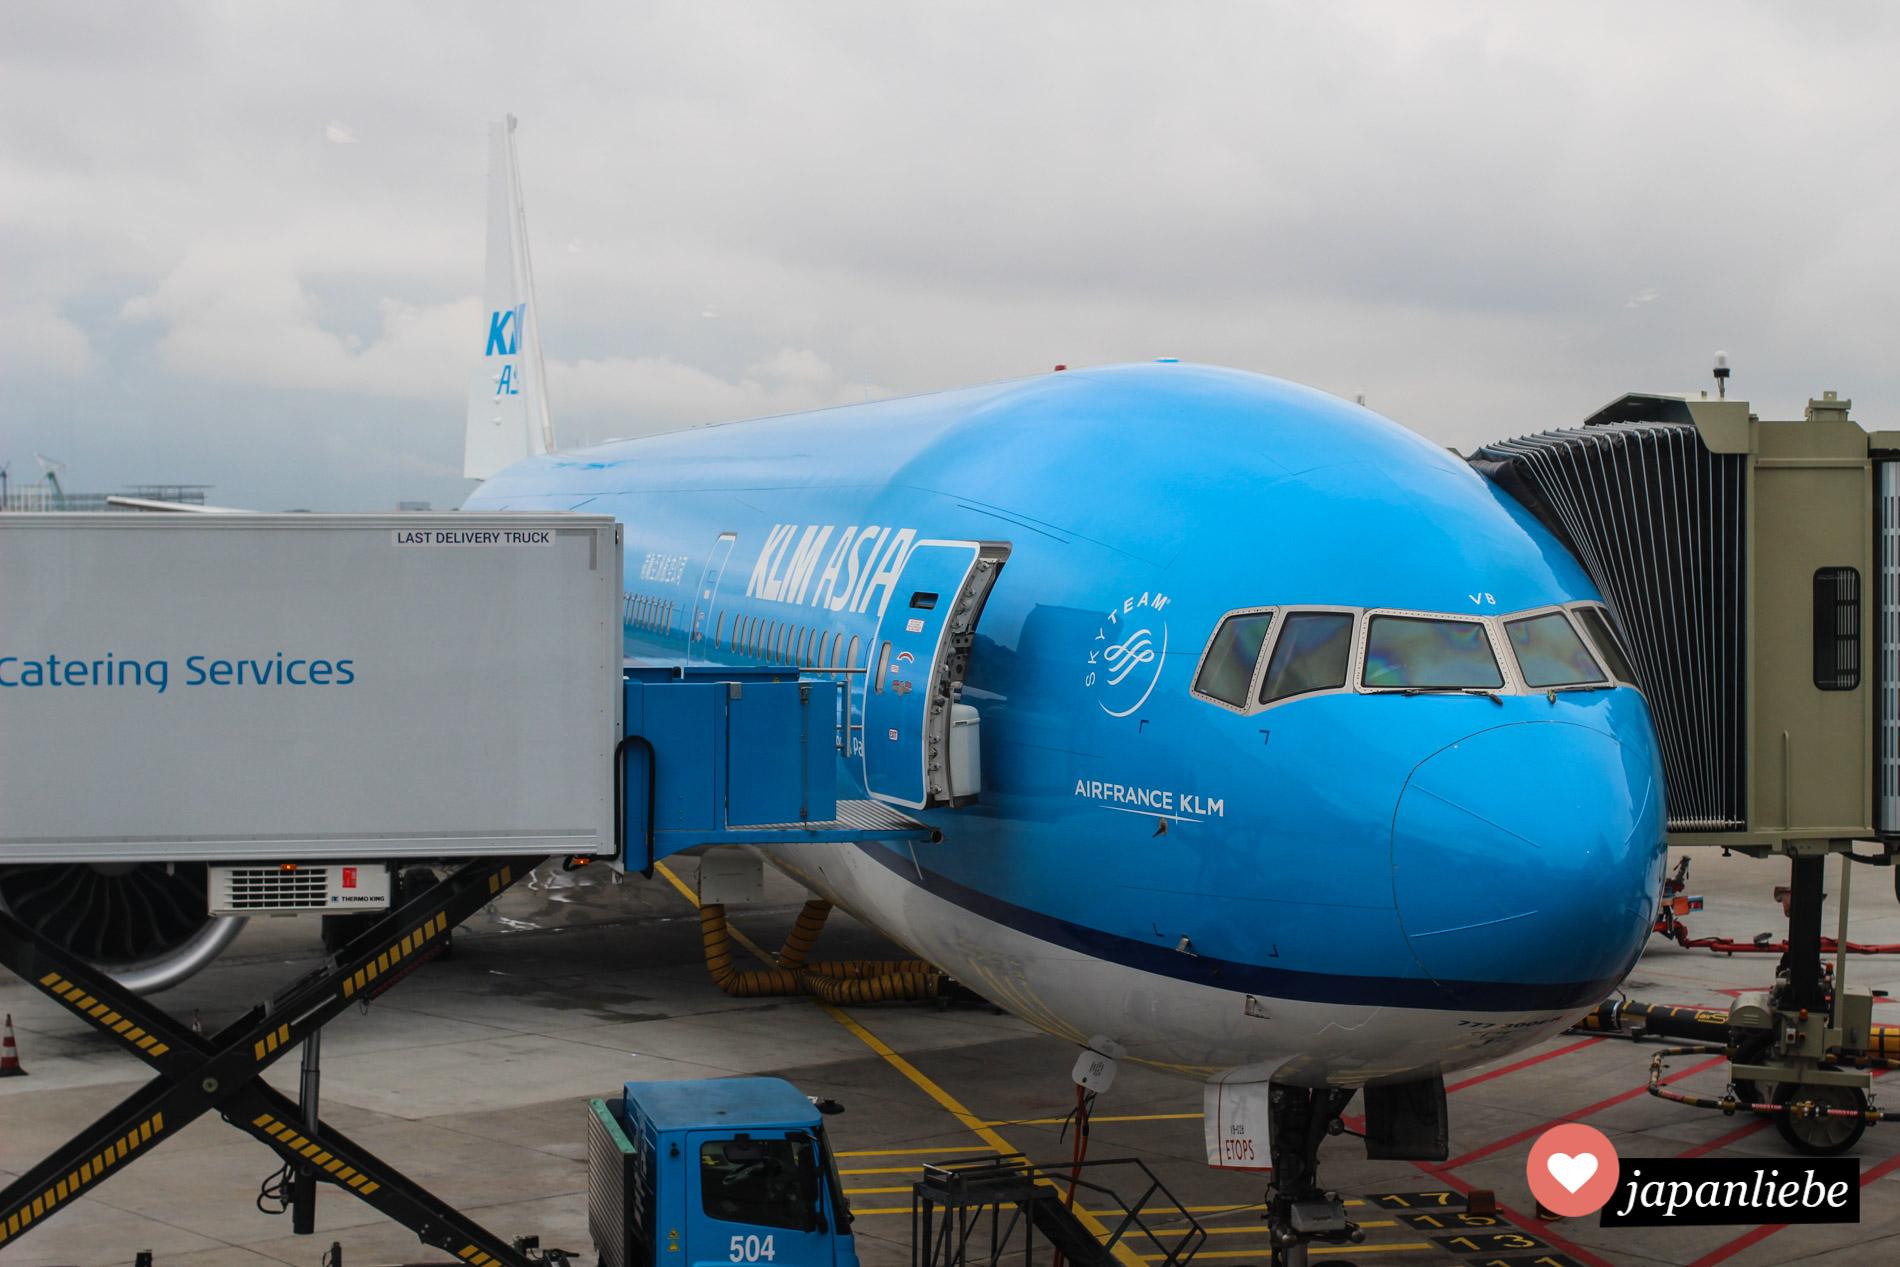 Kein Grund für Flugangst: Langstreckenflüge von Europa nach Japan werden meist mit neuen Maschinen ausgeführt.